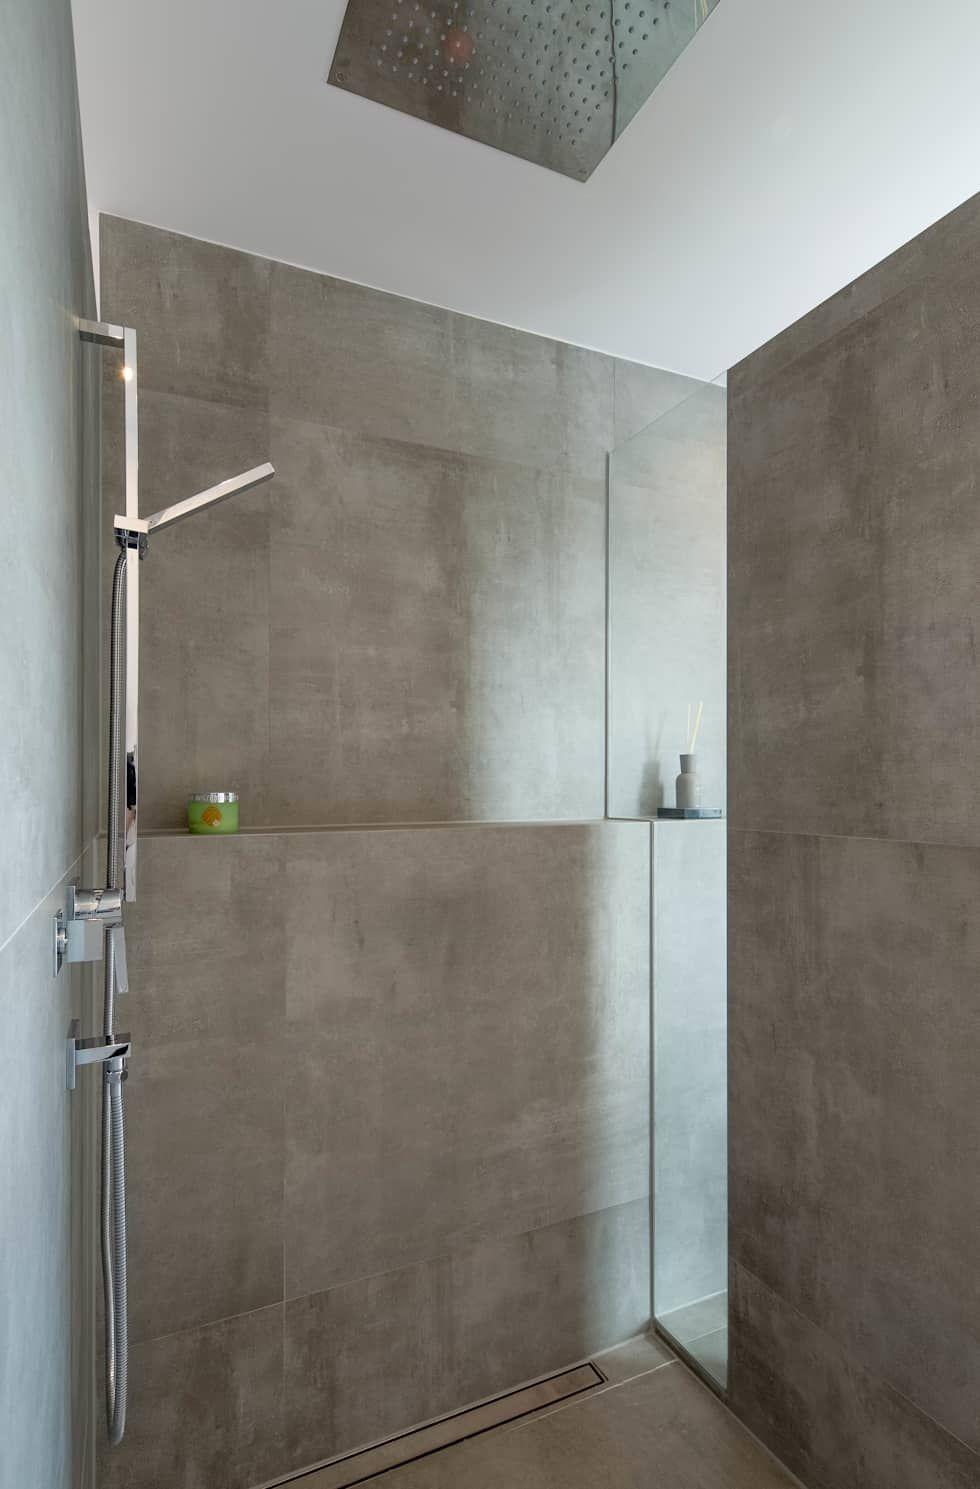 Wohnideen Nach Mass Hannover wohnideen interior design einrichtungsideen bilder bathroom